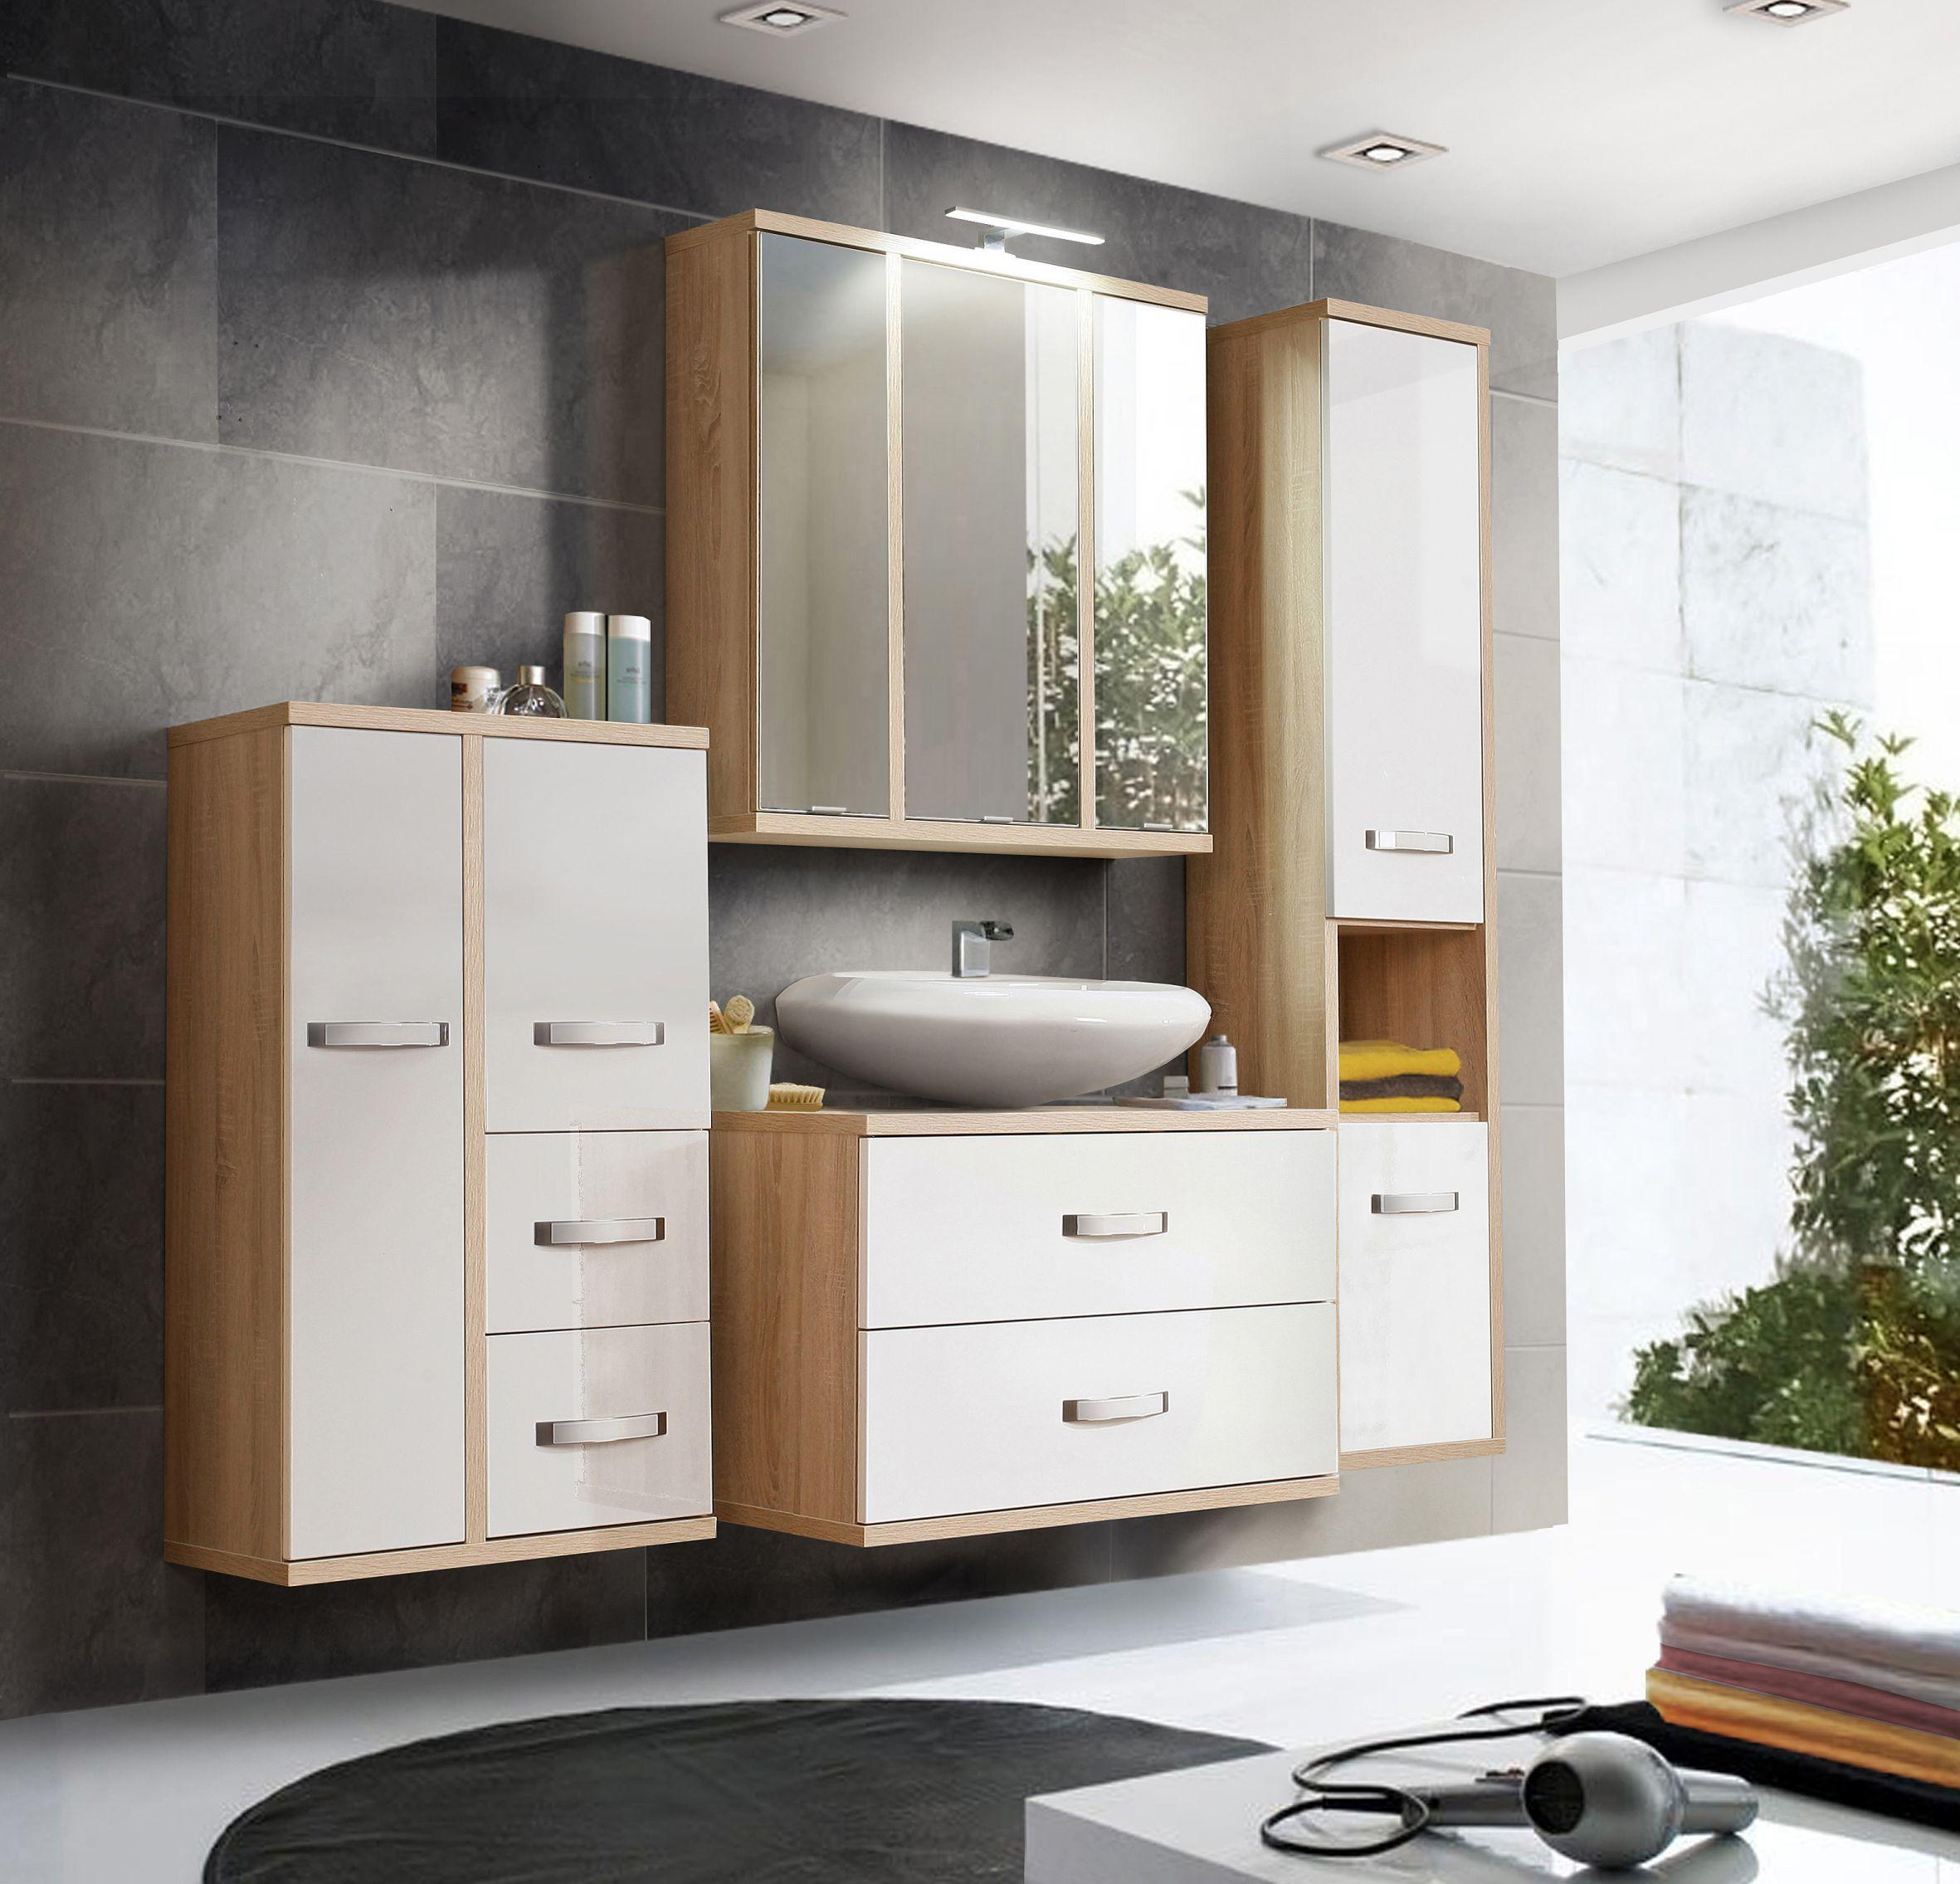 Badezimmer in Sonoma Eiche Weiß Arianna 4-teilig